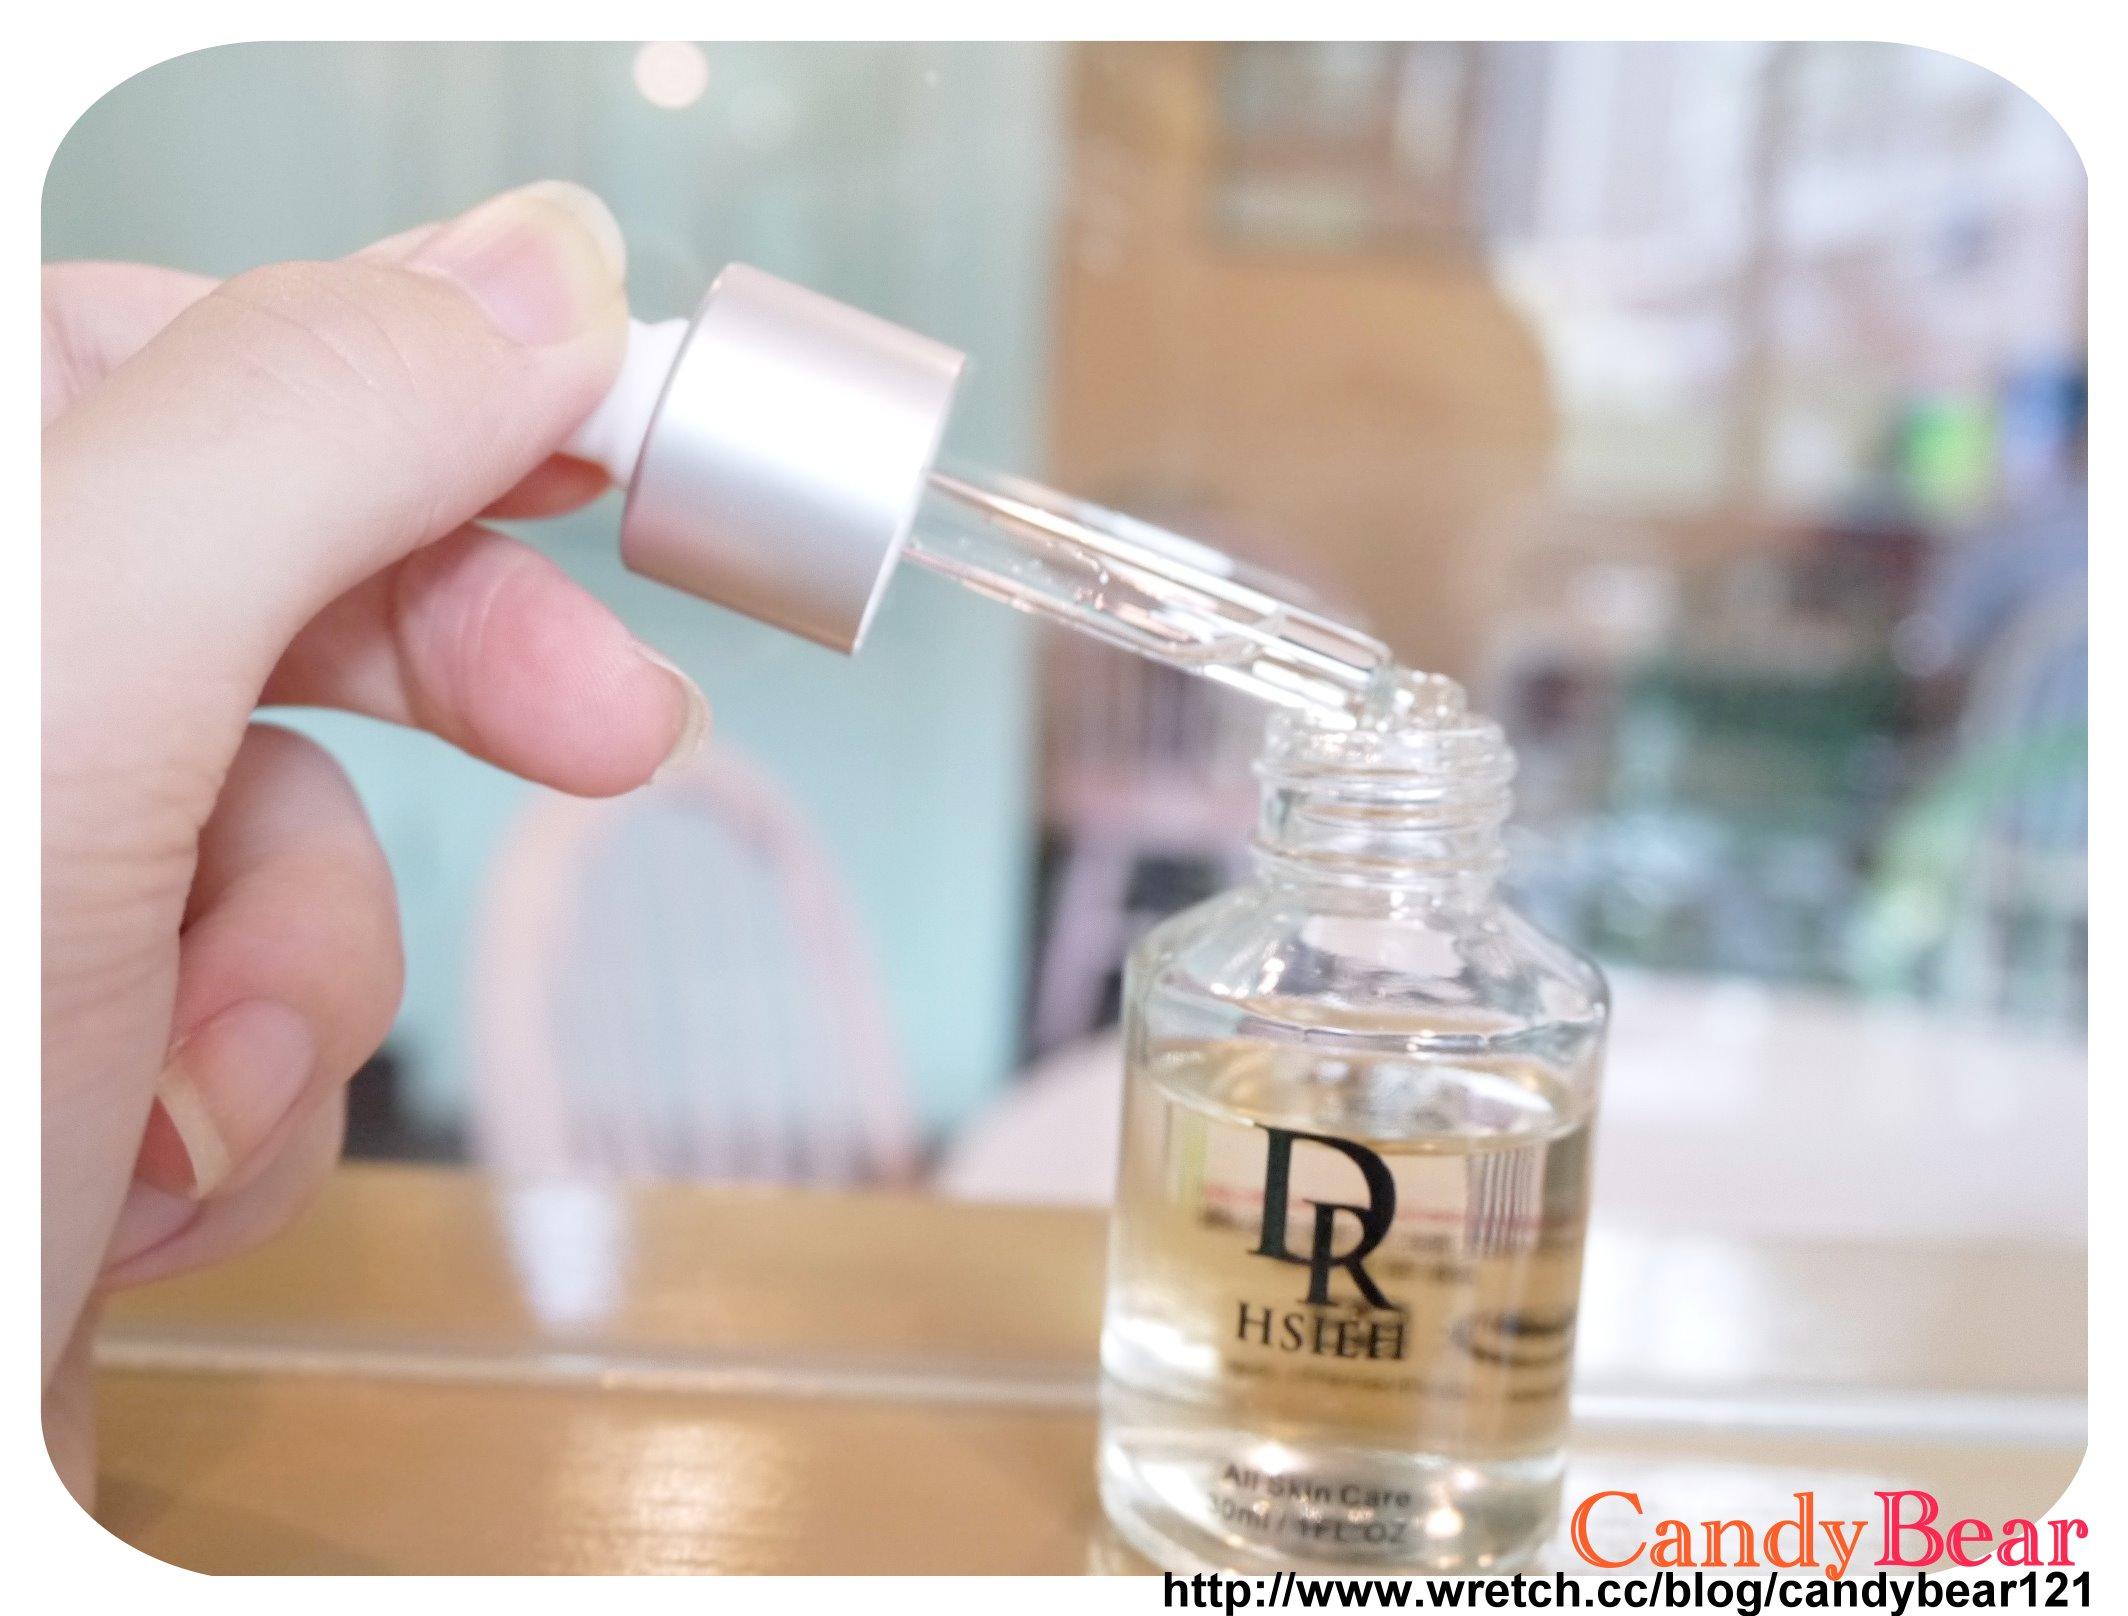 Dr.Hsieh-杏仁酸深層煥膚精華原液10%_滴管的設計劑量好抓取